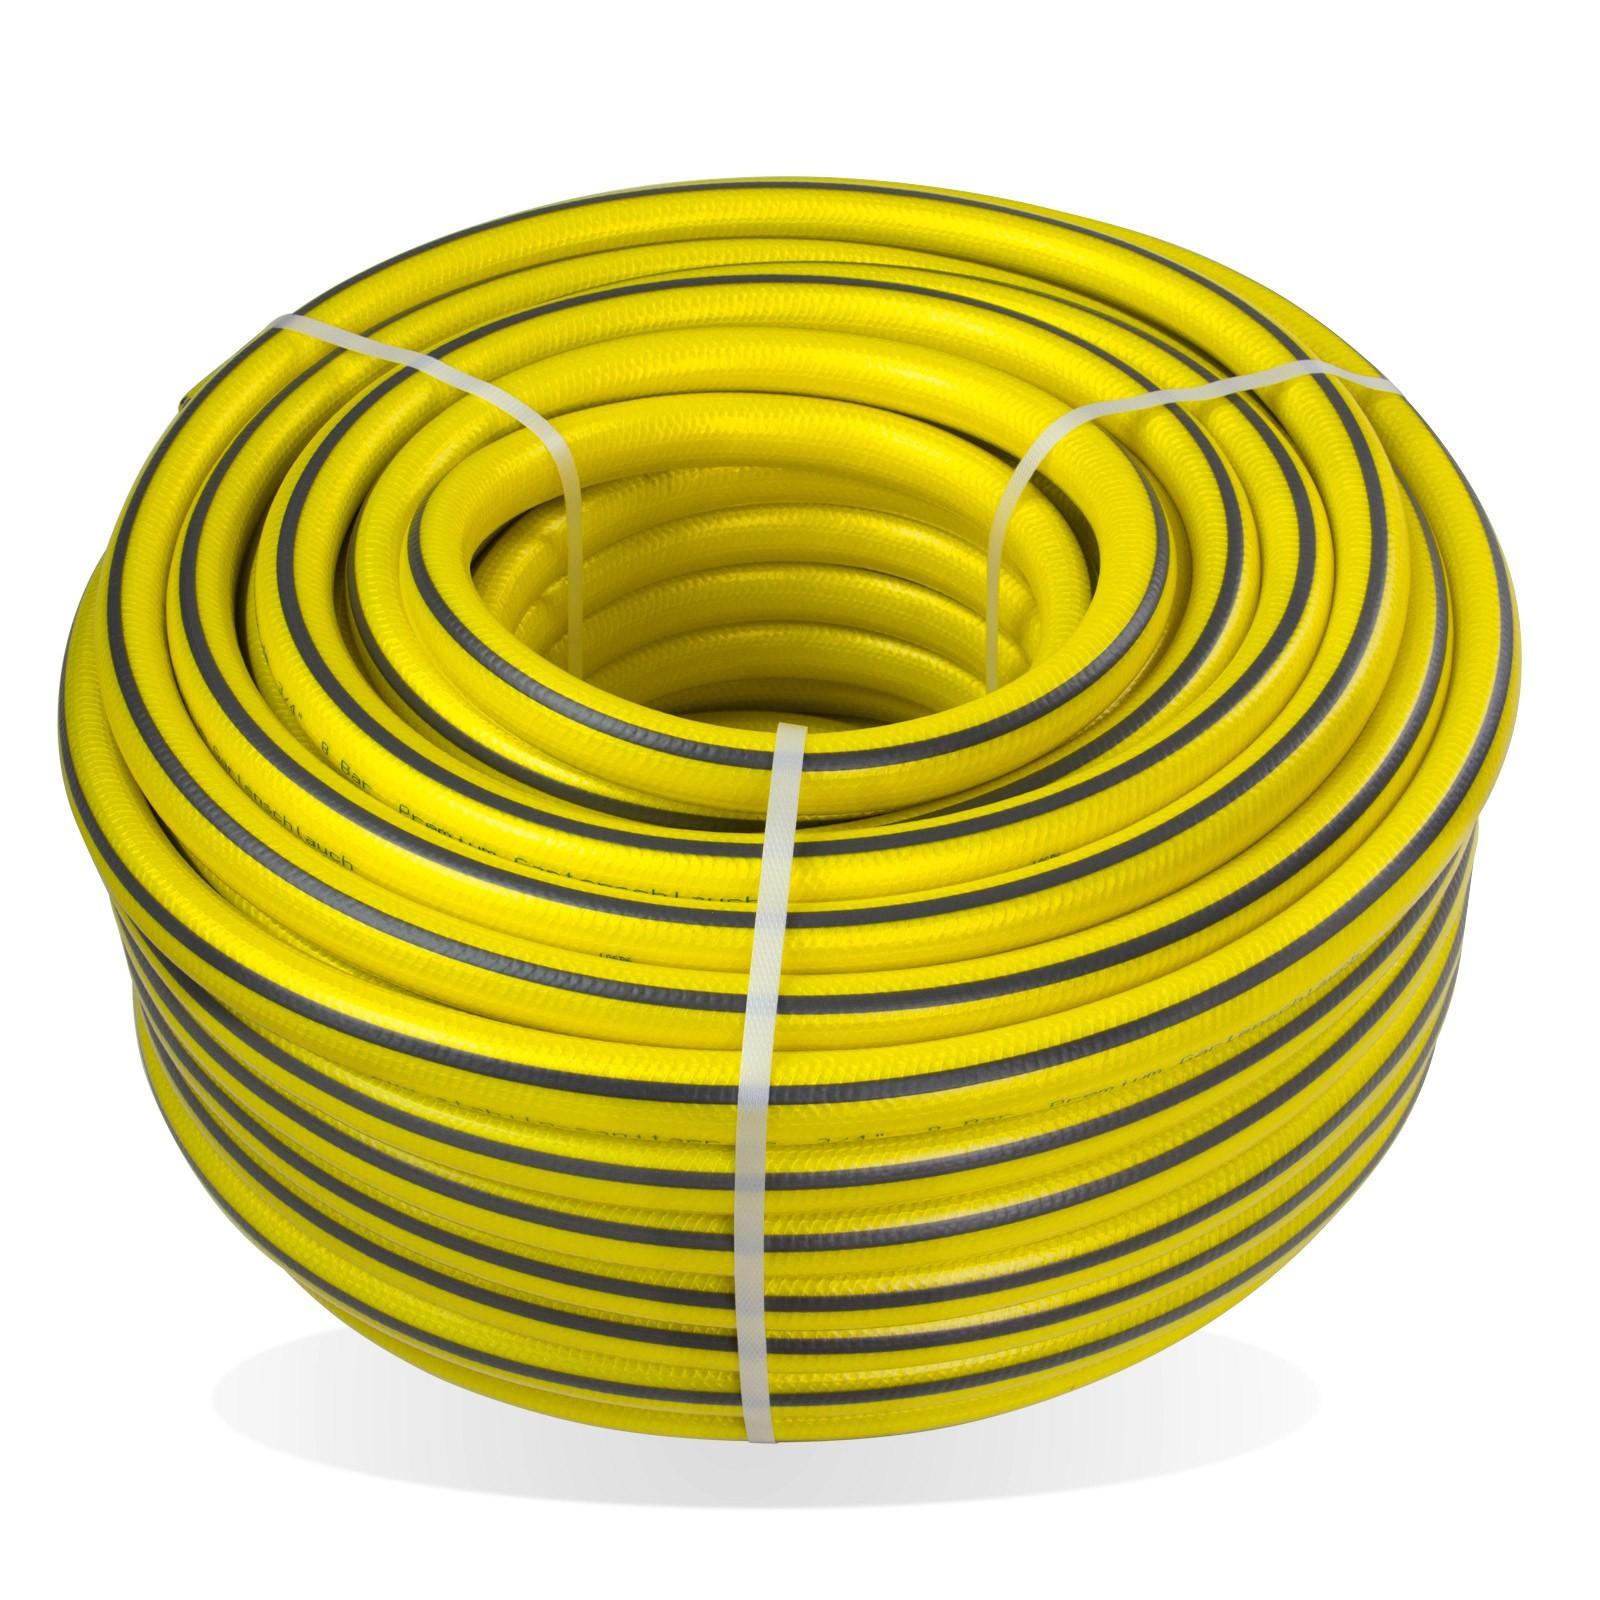 Stabilo-Sanitaer Premium Gartenschlauch / Wasserschlauch 3/4 Zoll 50 m knickfrei 14487